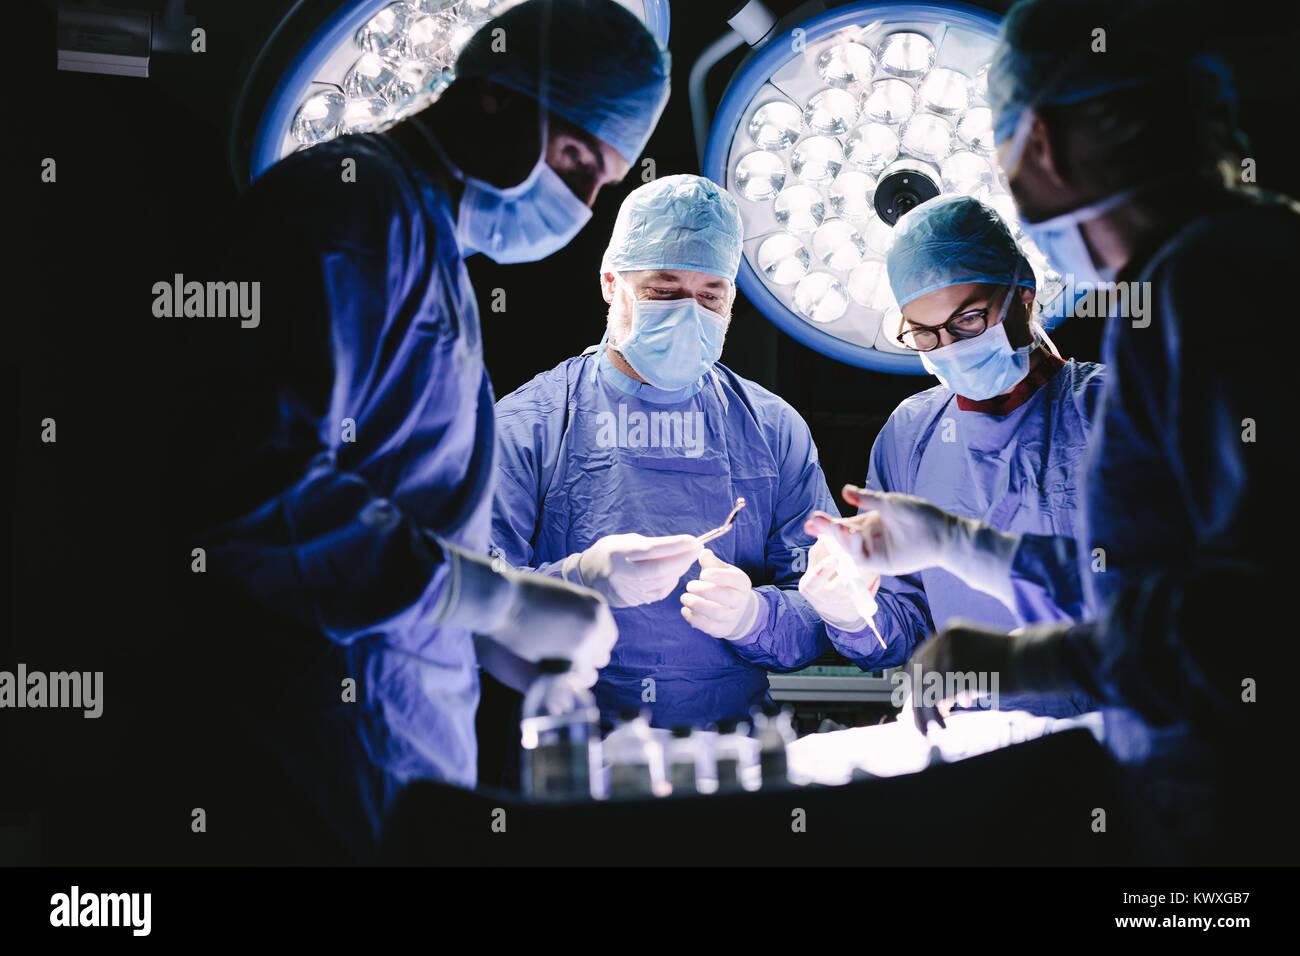 Gruppe medizinische professionelle Durchführung von Operationen in Betrieb Theater. Team von Ärzten im Krankenhaus Stockfoto